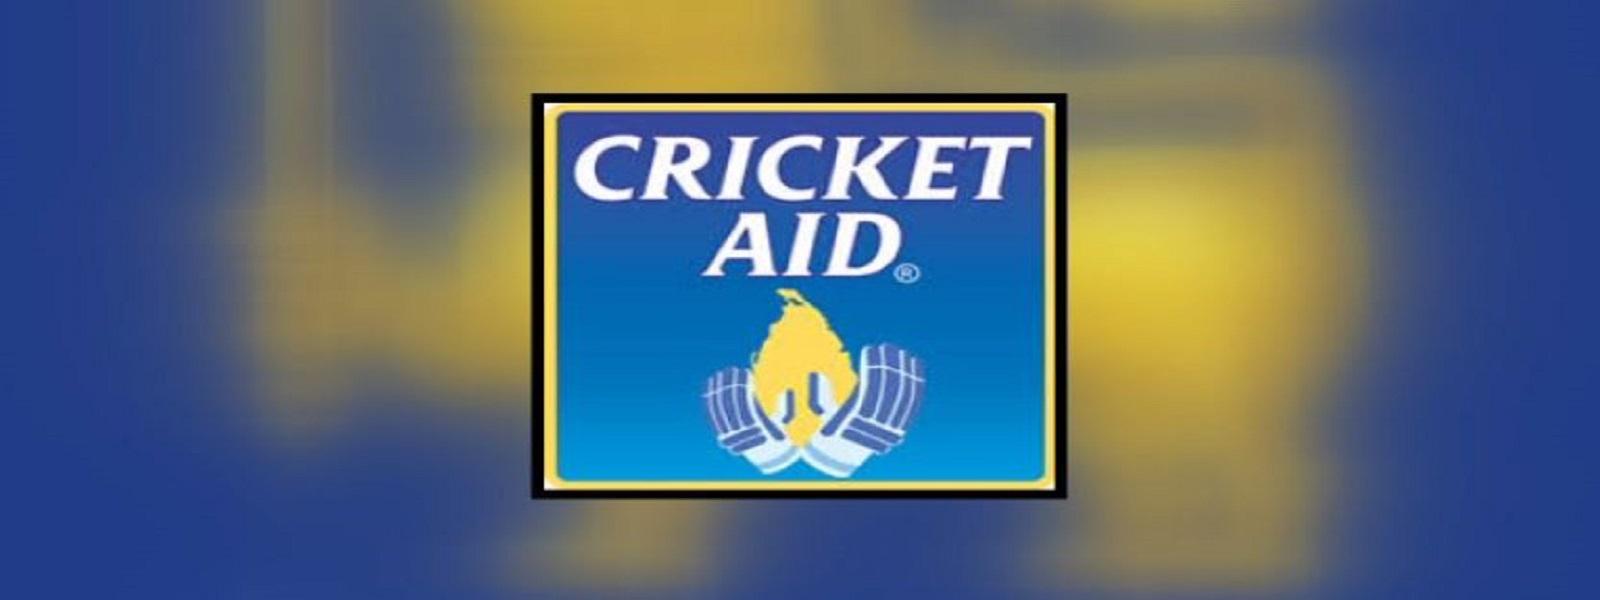 சிறுநீரக நோயாளர்களுக்காக ஆரம்பிக்கப்பட்ட Cricket Aid நிறுவன நிதிக்கு என்னவானது?